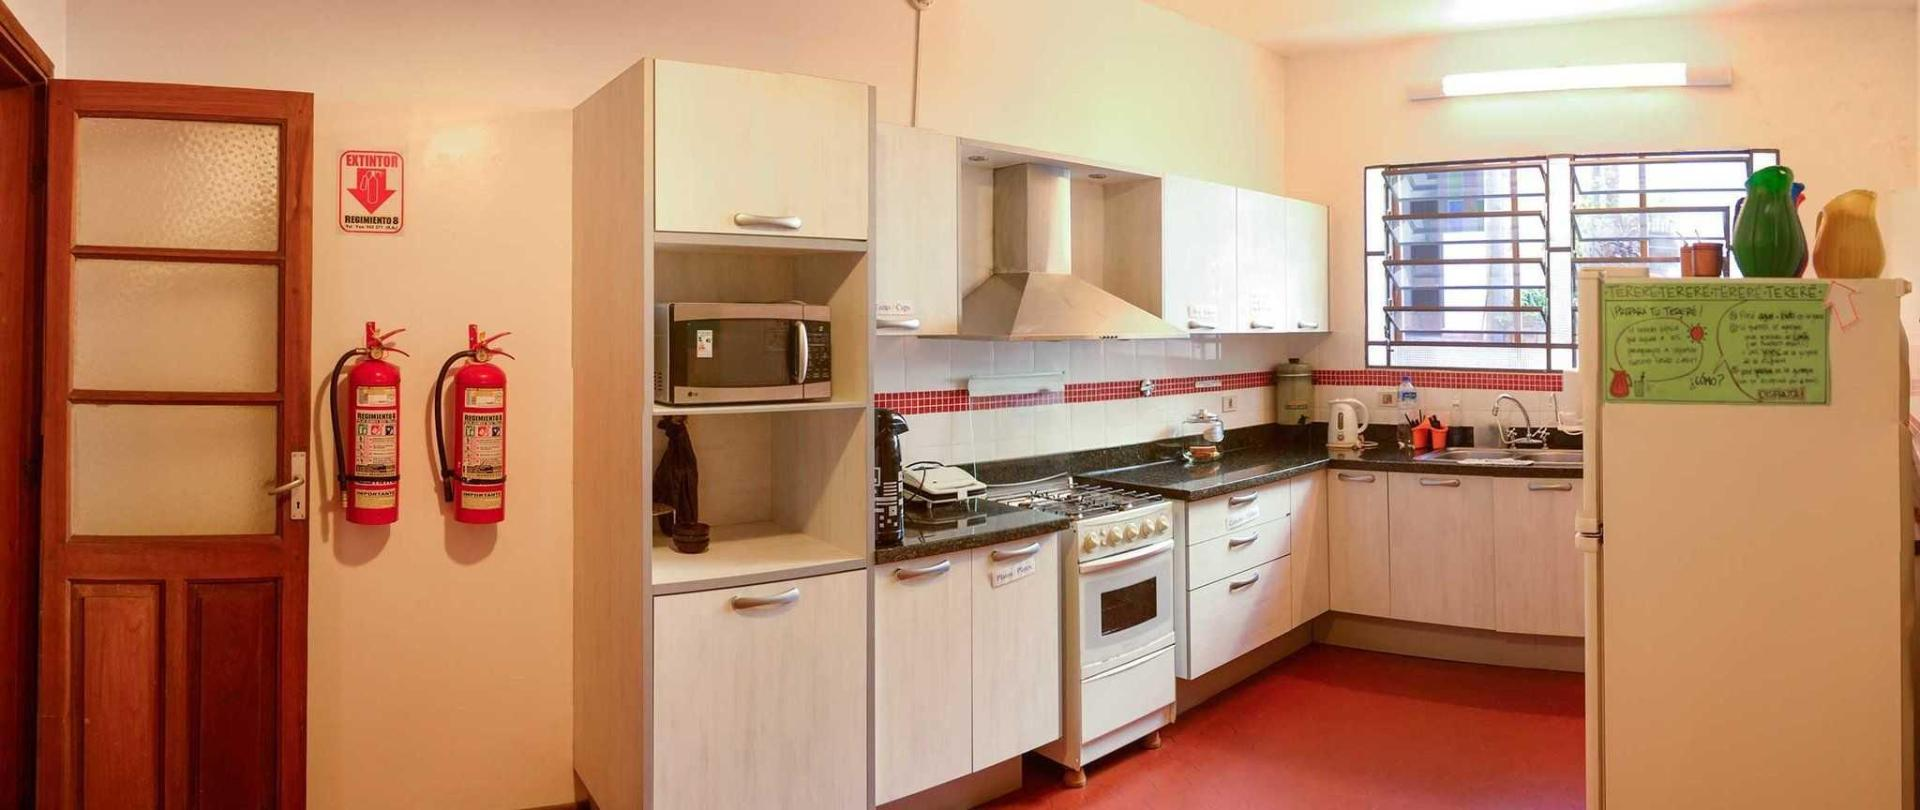 ara5-panoramica-cocina-completa.jpg